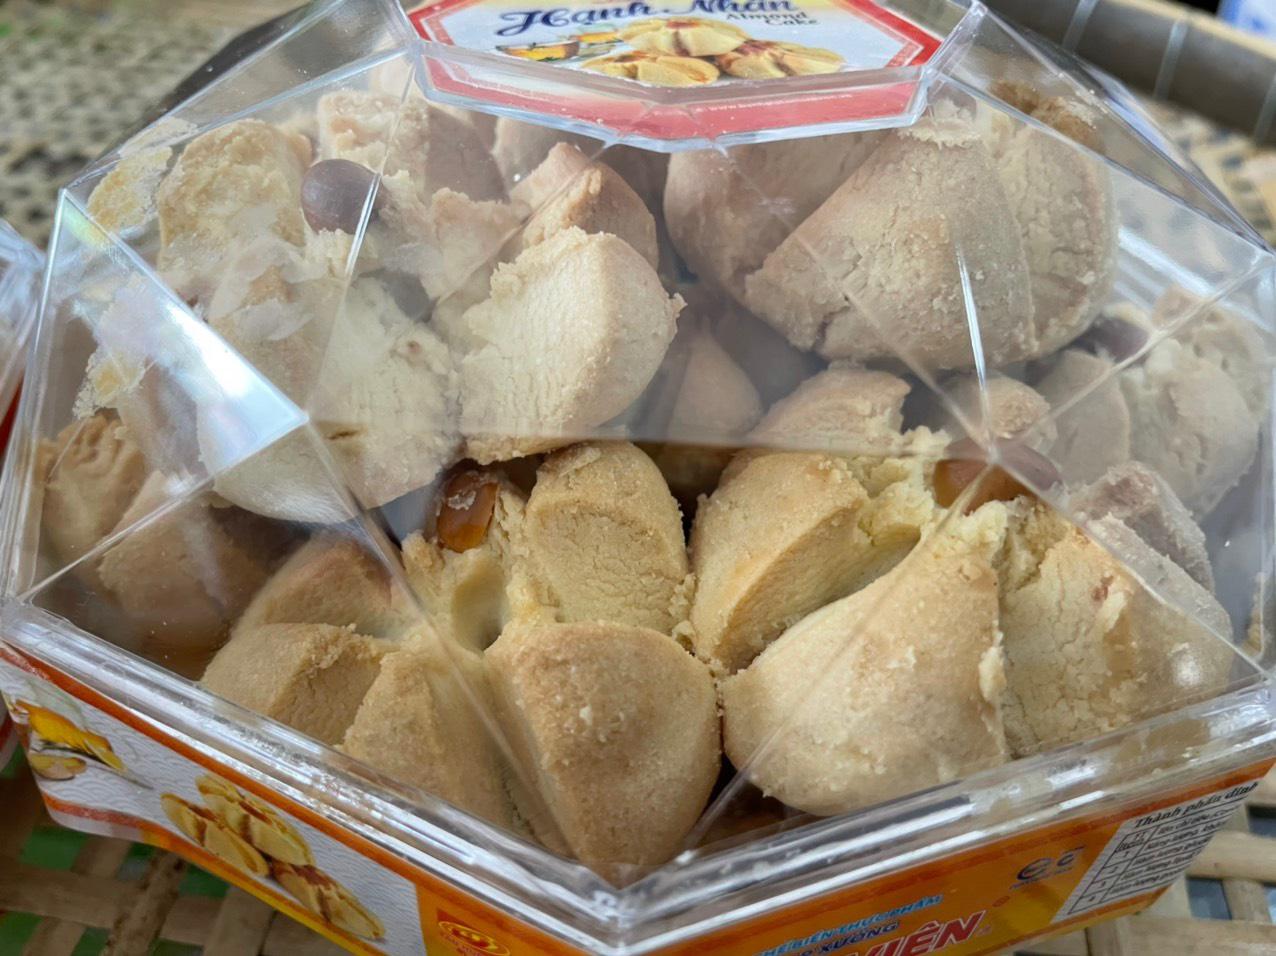 Bánh hạnh nhân được bảo quản trong hộp hình kim cương vô cùng đẹp mắt